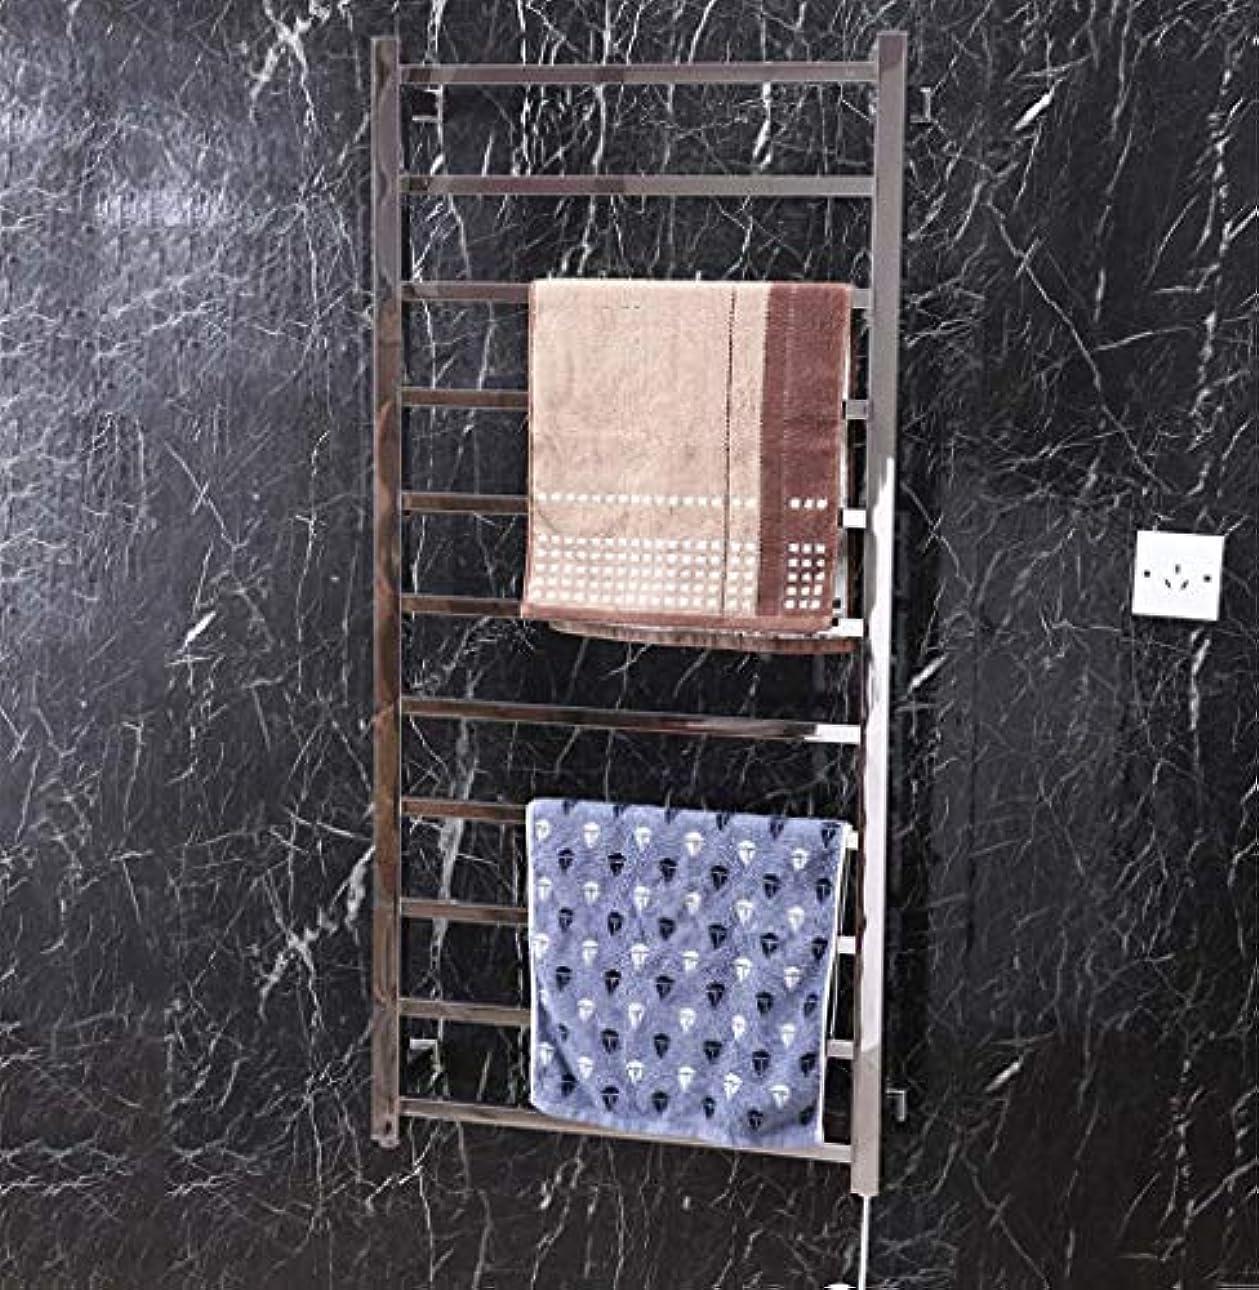 夜の動物園ブーム高く壁掛け式電気タオルウォーマー、304ステンレススチール製インテリジェント電気タオルラジエーター、サーモスタット滅菌、浴室棚1200X560X125mm